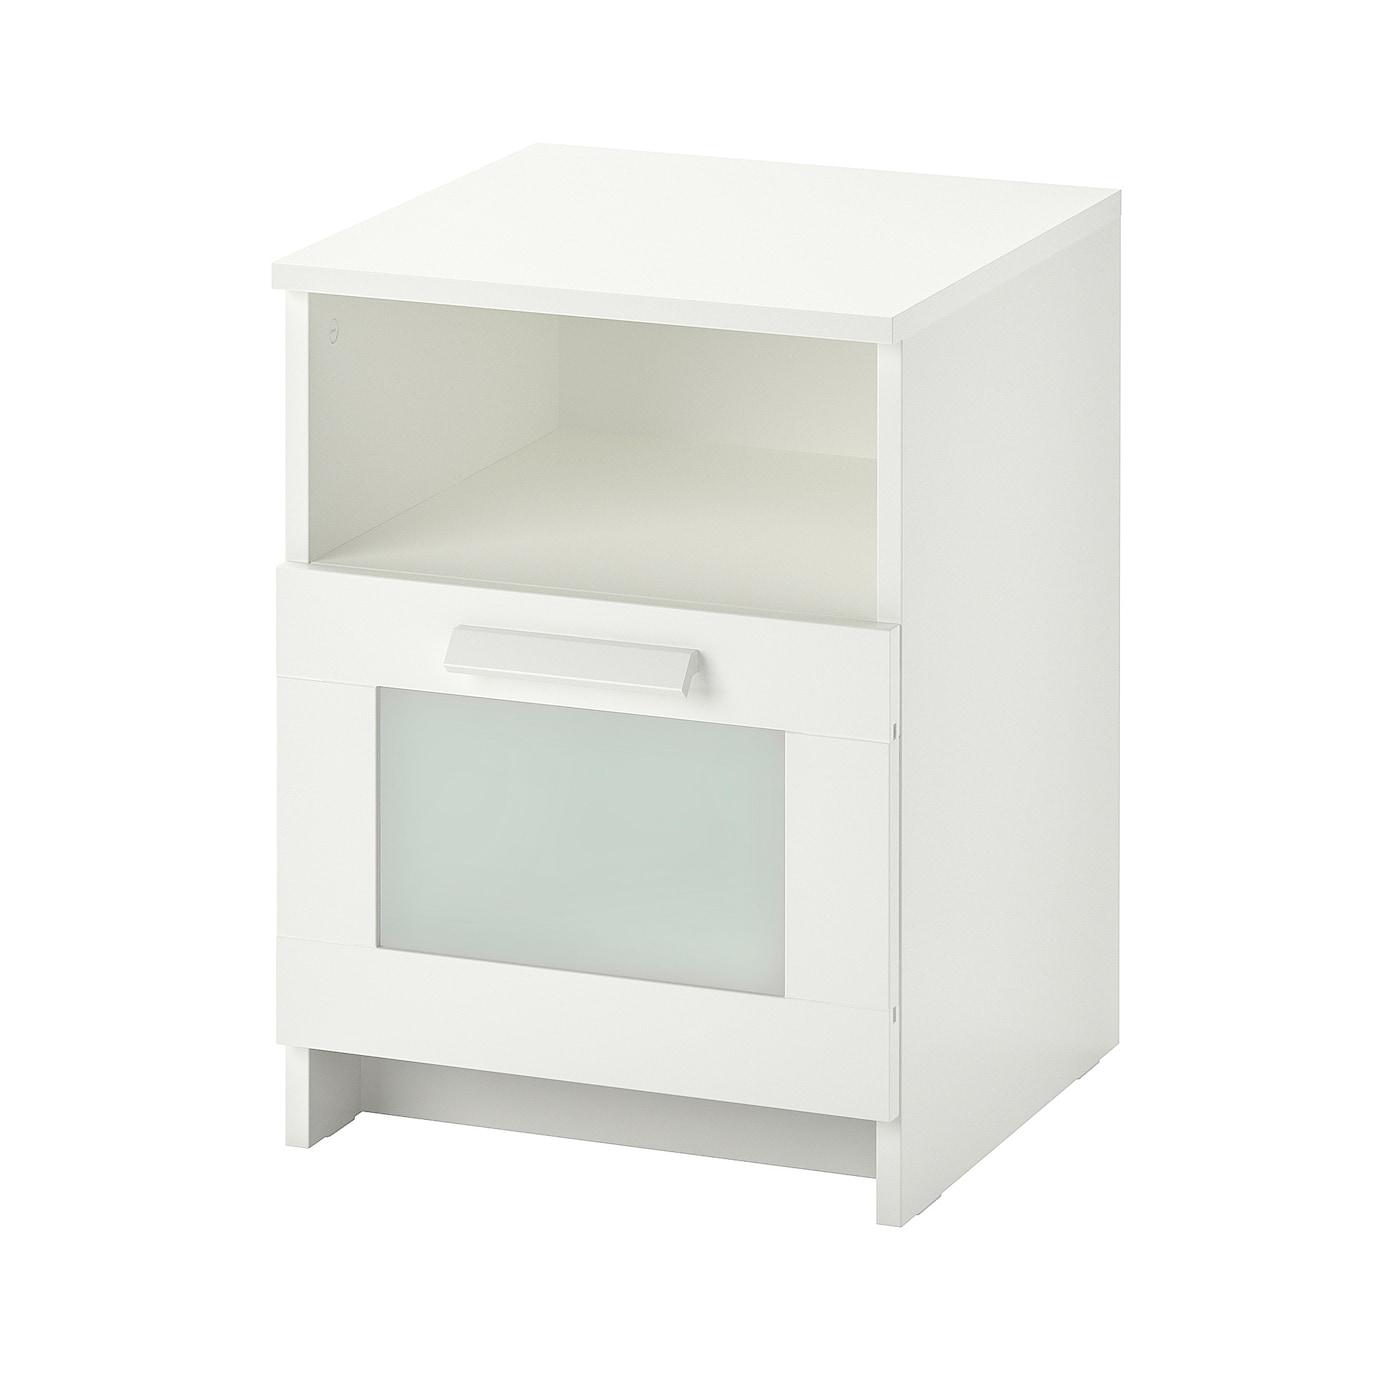 IKEA BRIMNES biały stolik nocny, 39x41 cm